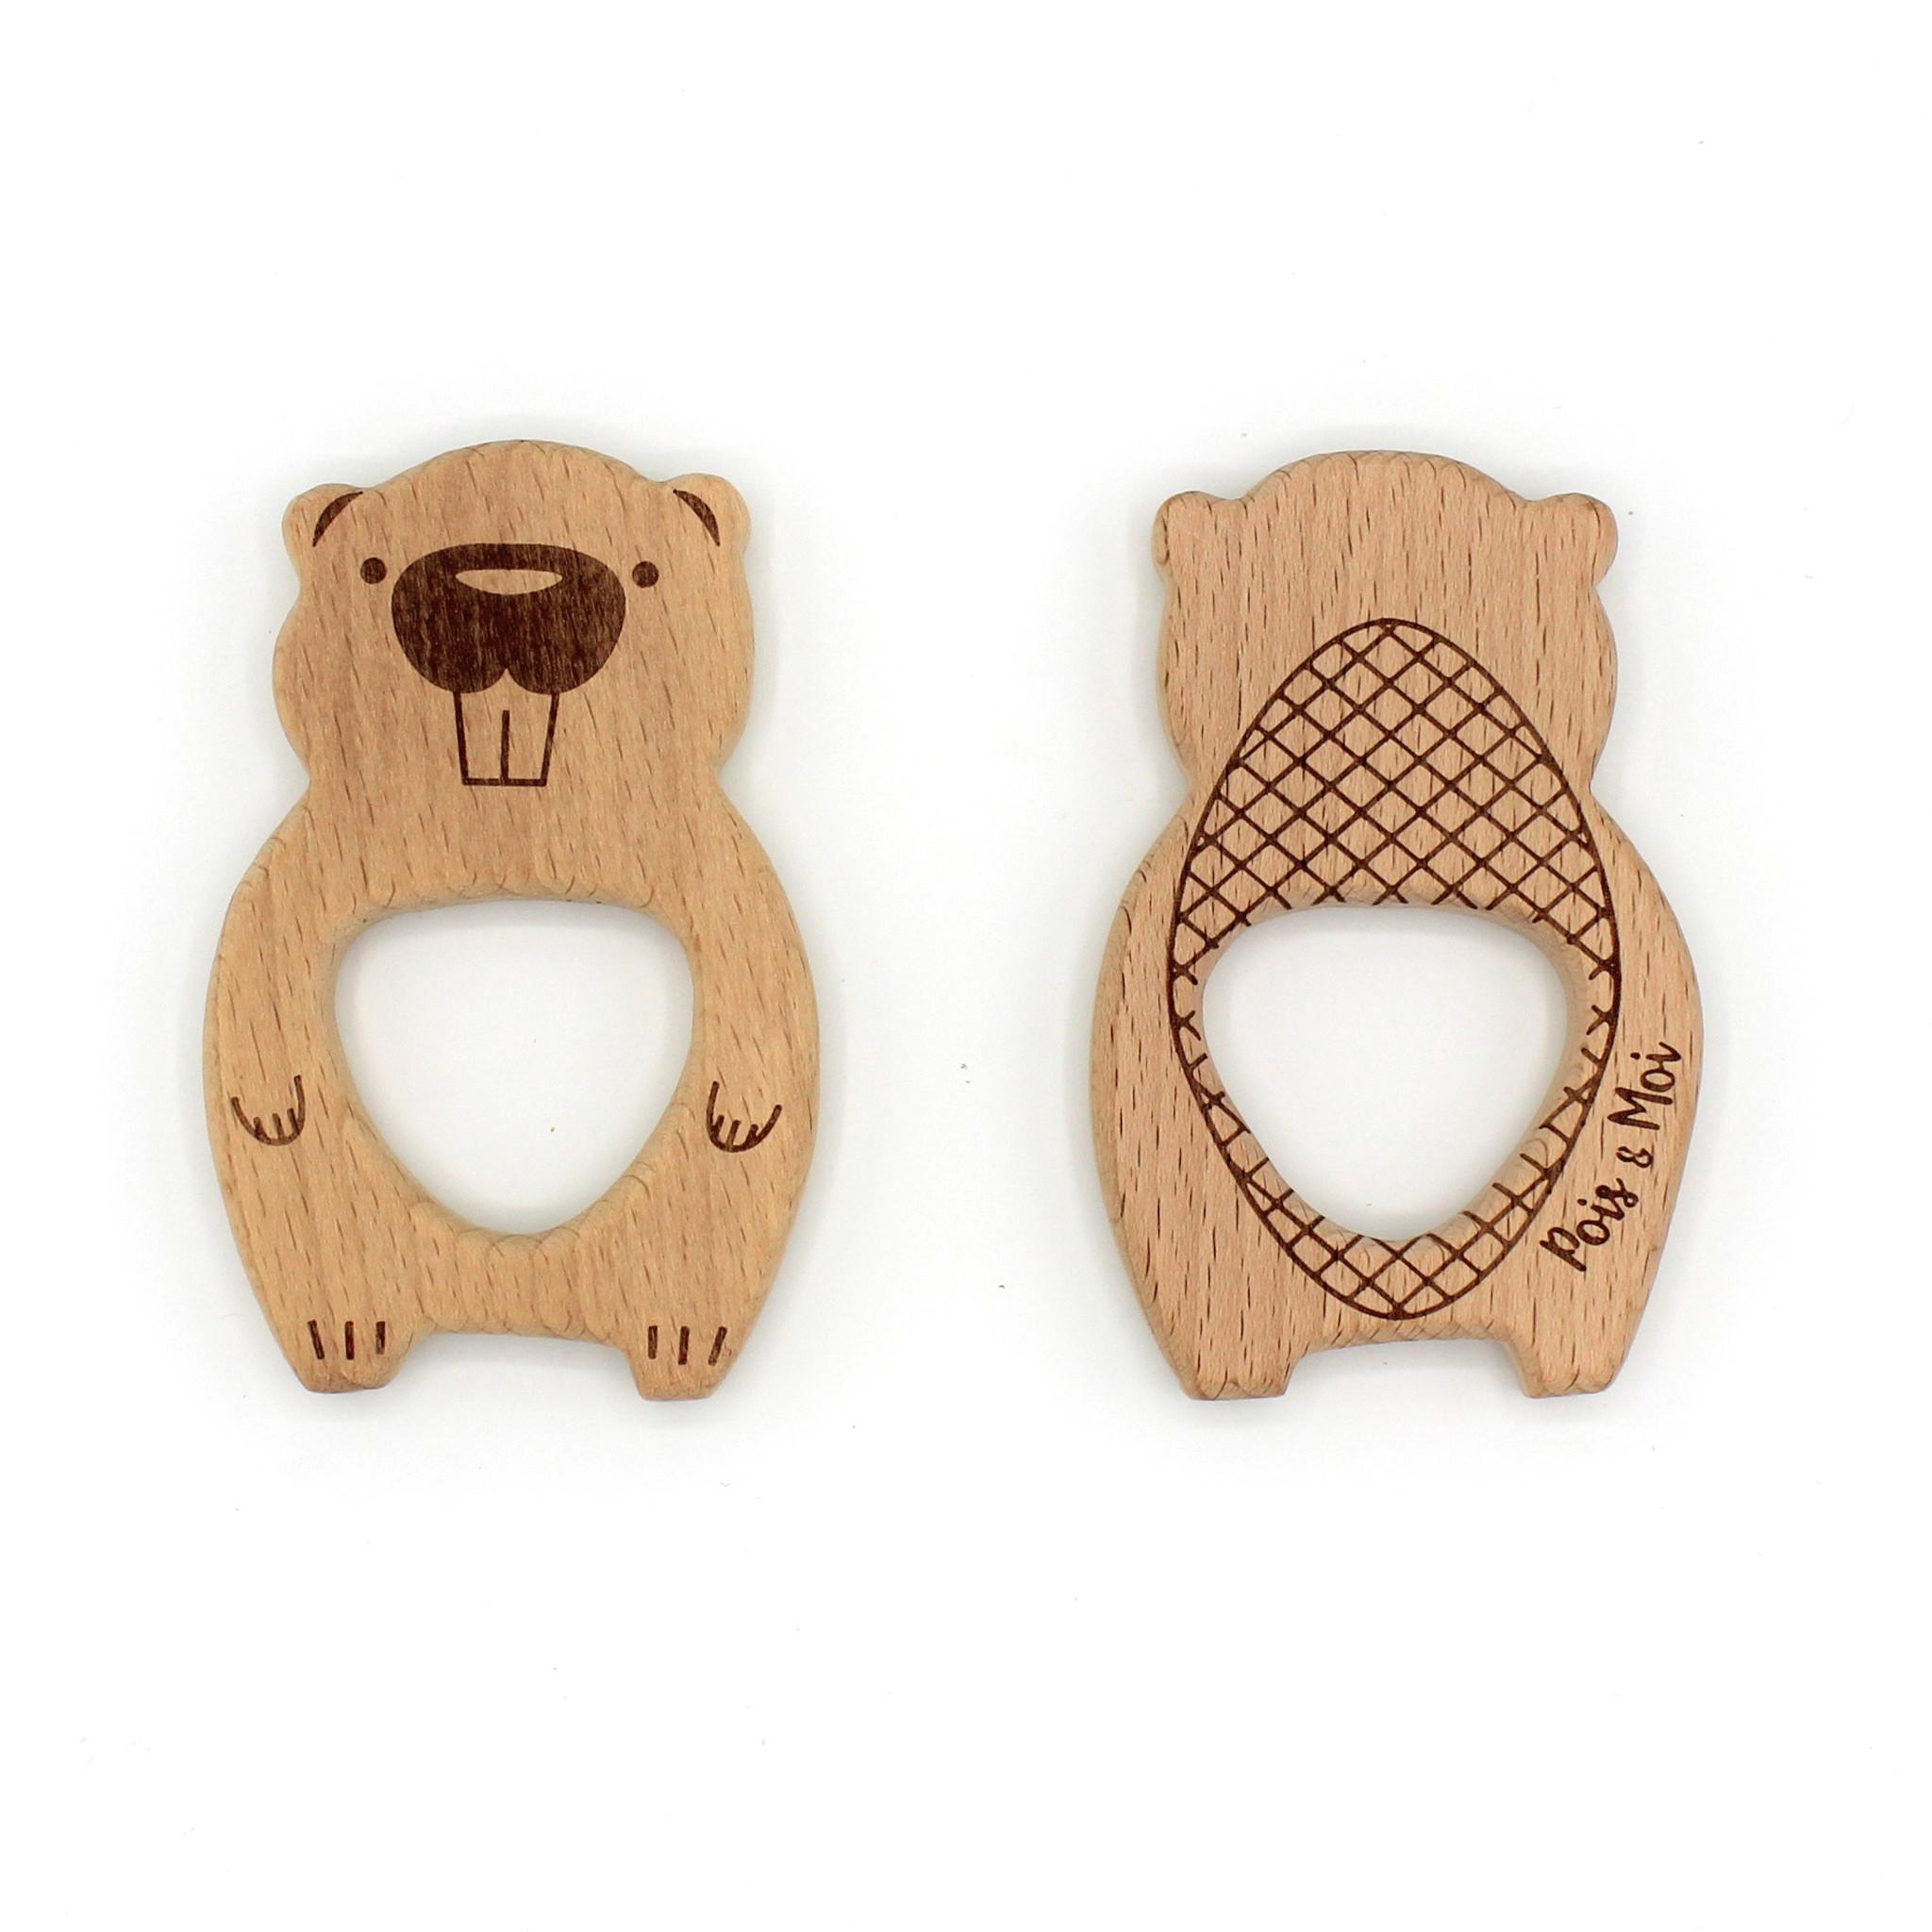 Pois et Moi Pois et Moi Wooden animal teether